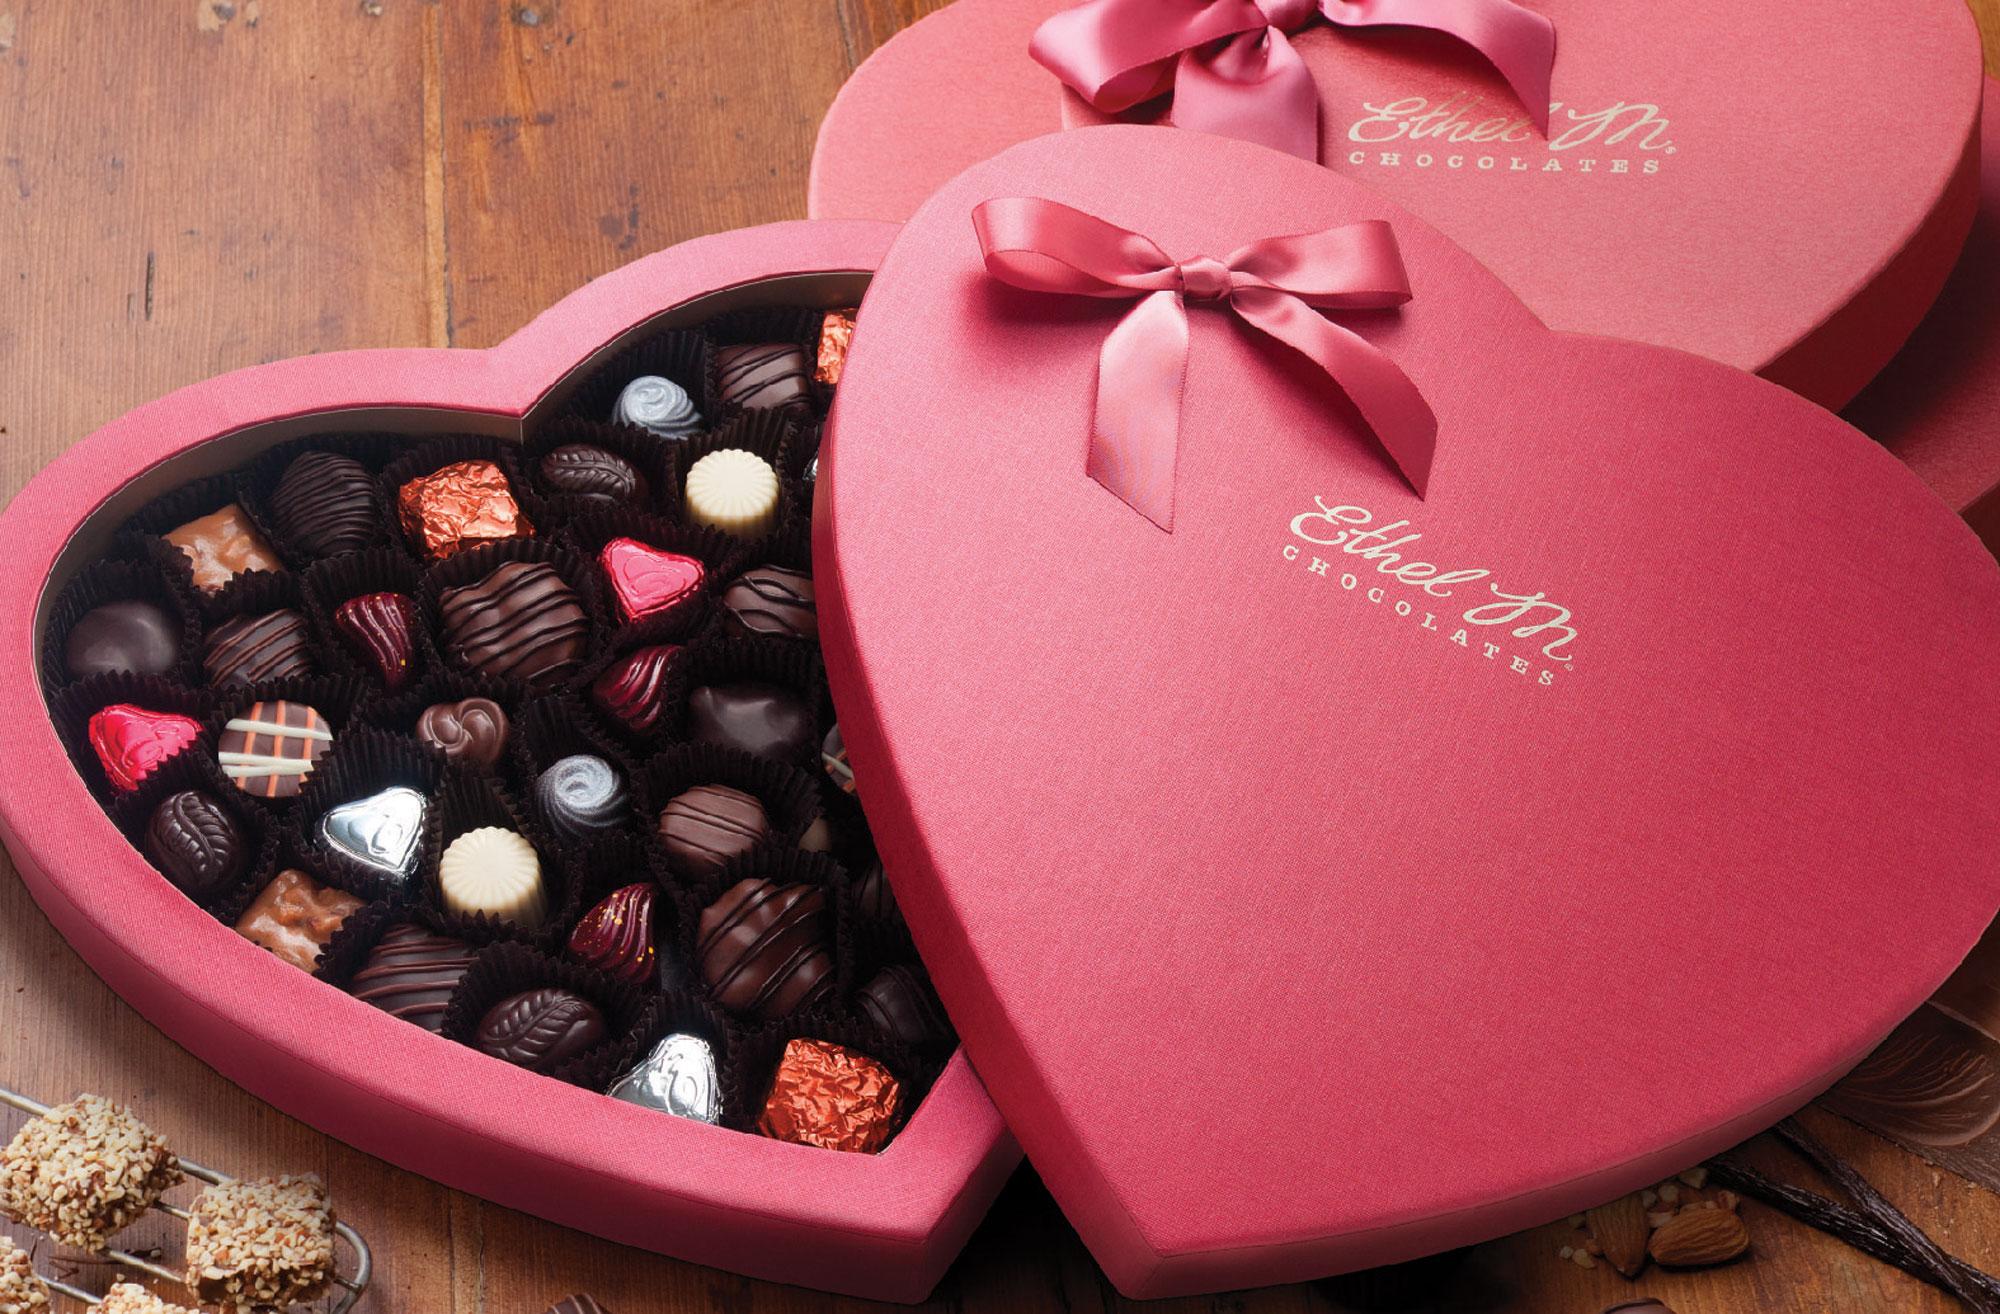 Một hộp Chocolate đầy ngọt ngào để tặng quà Valentine cho bạn gái